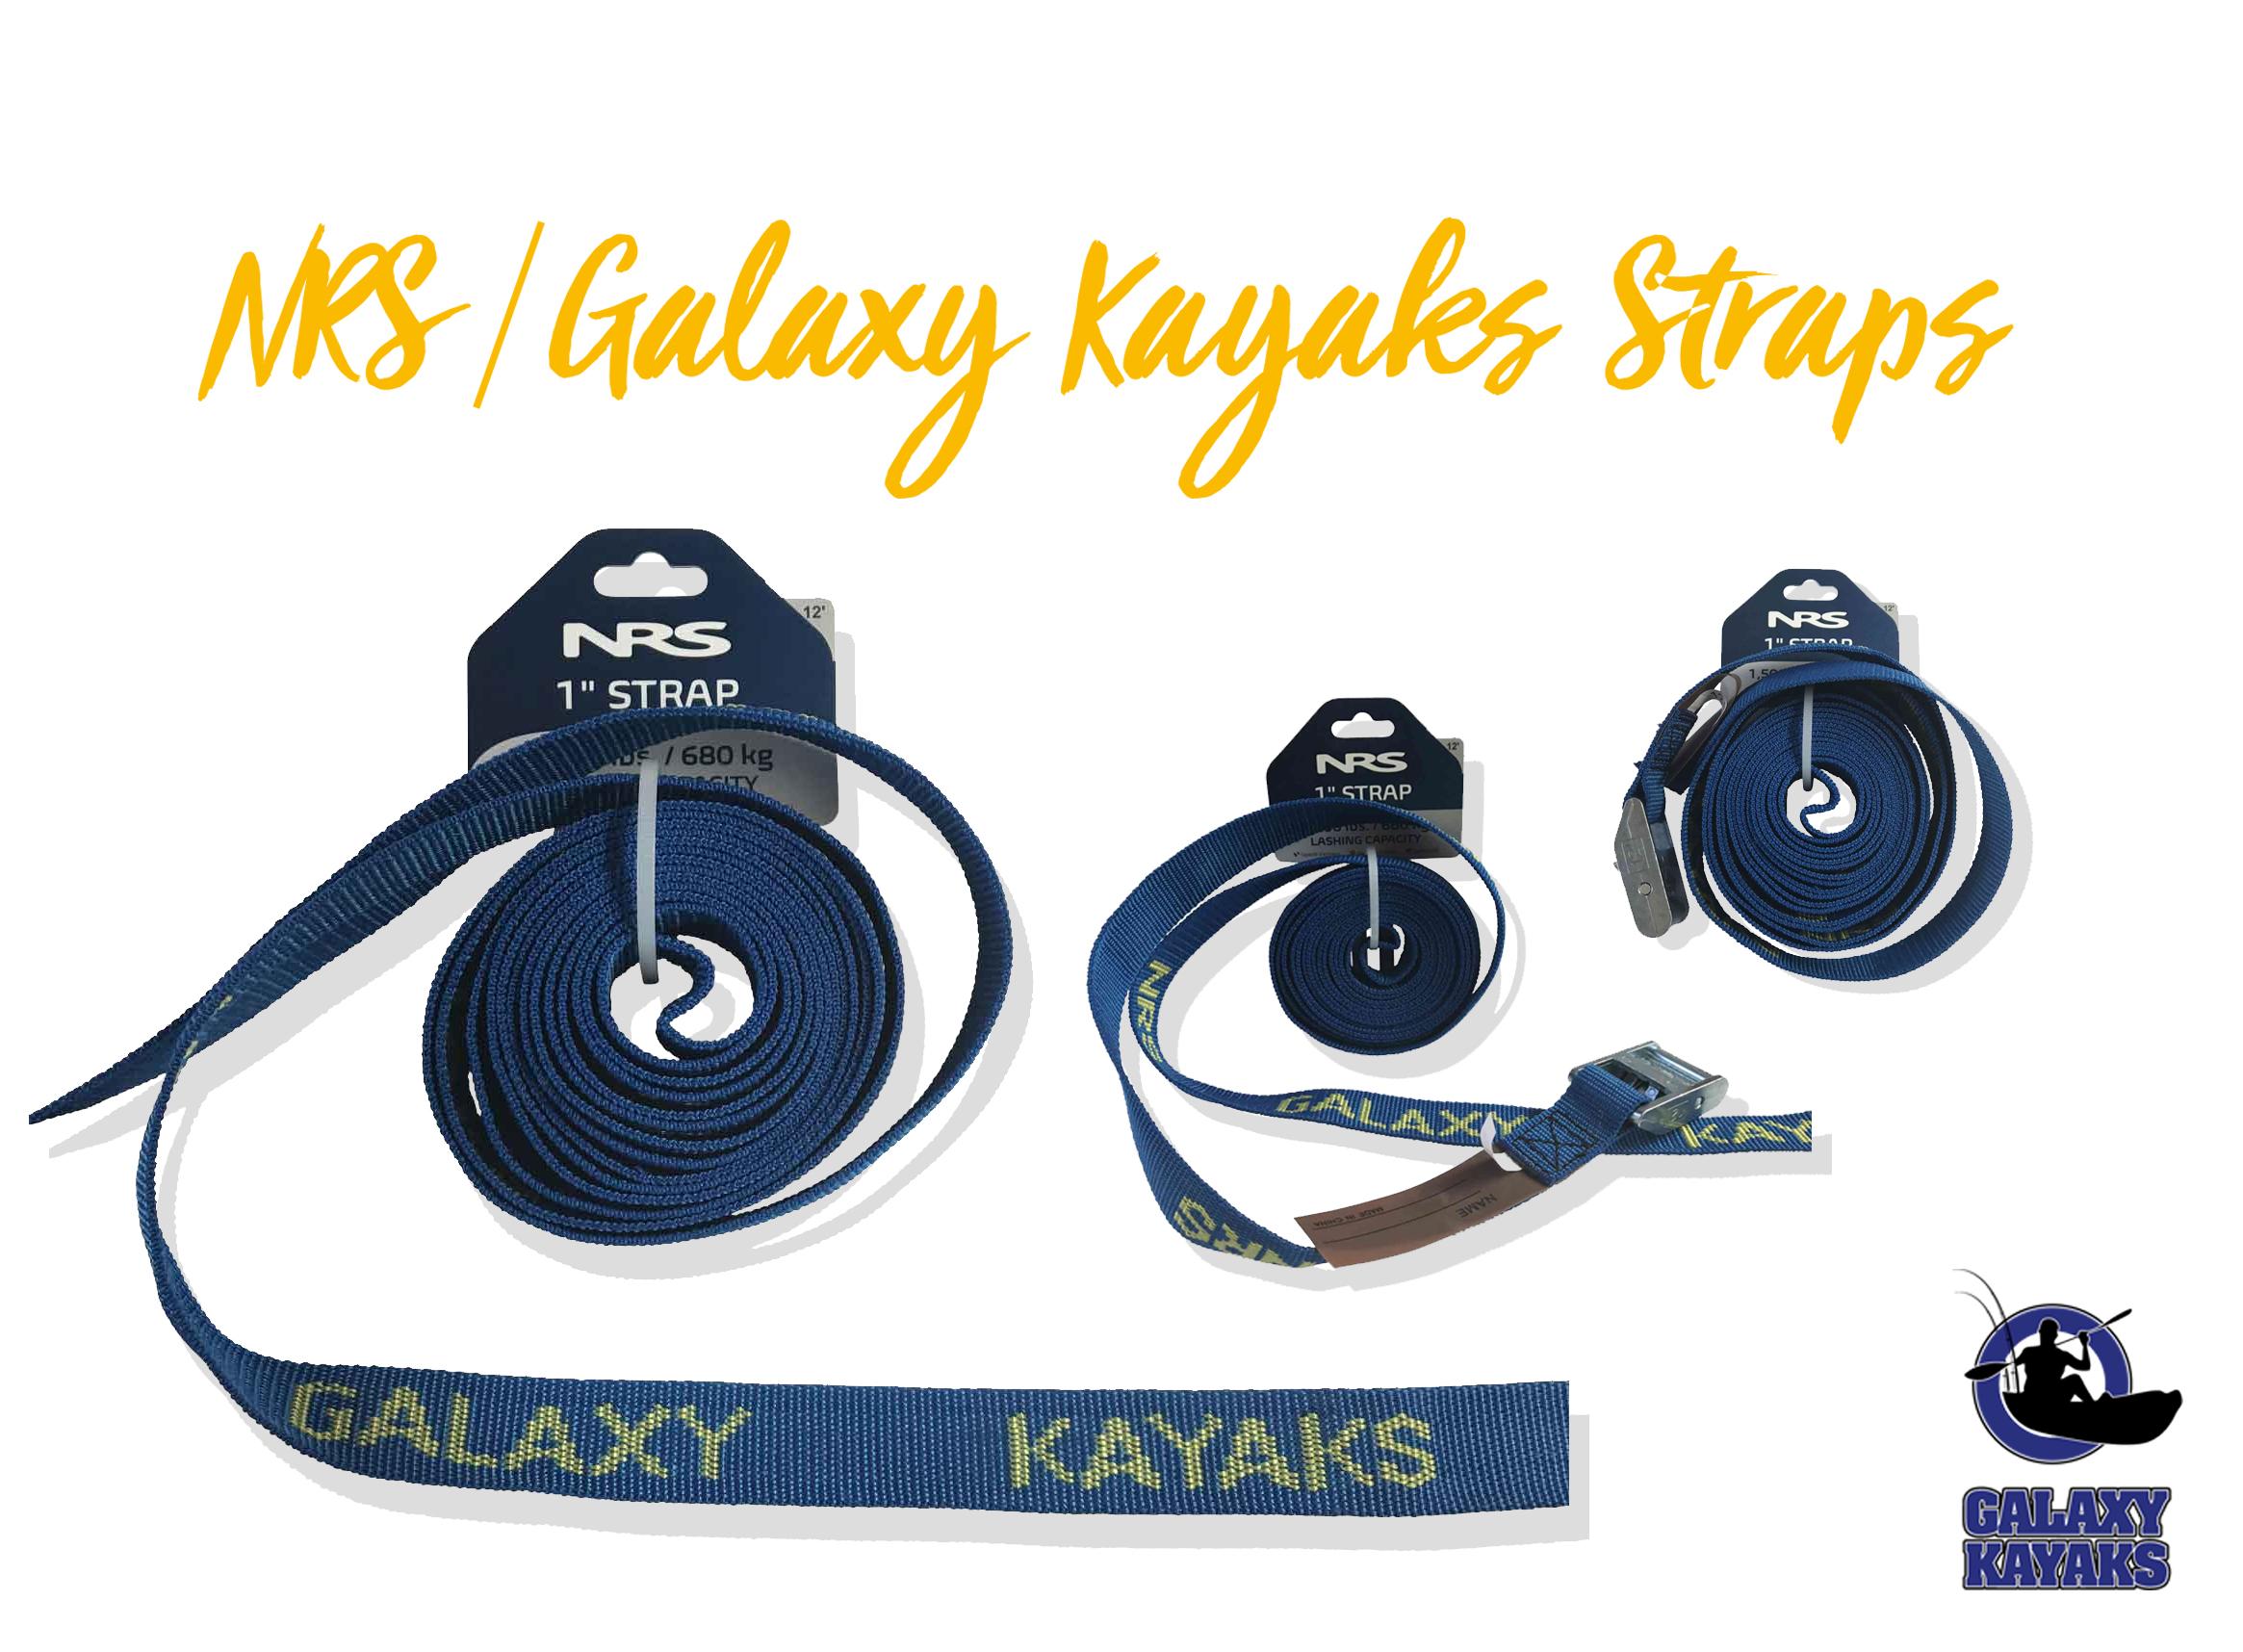 Kayak Straps NRS